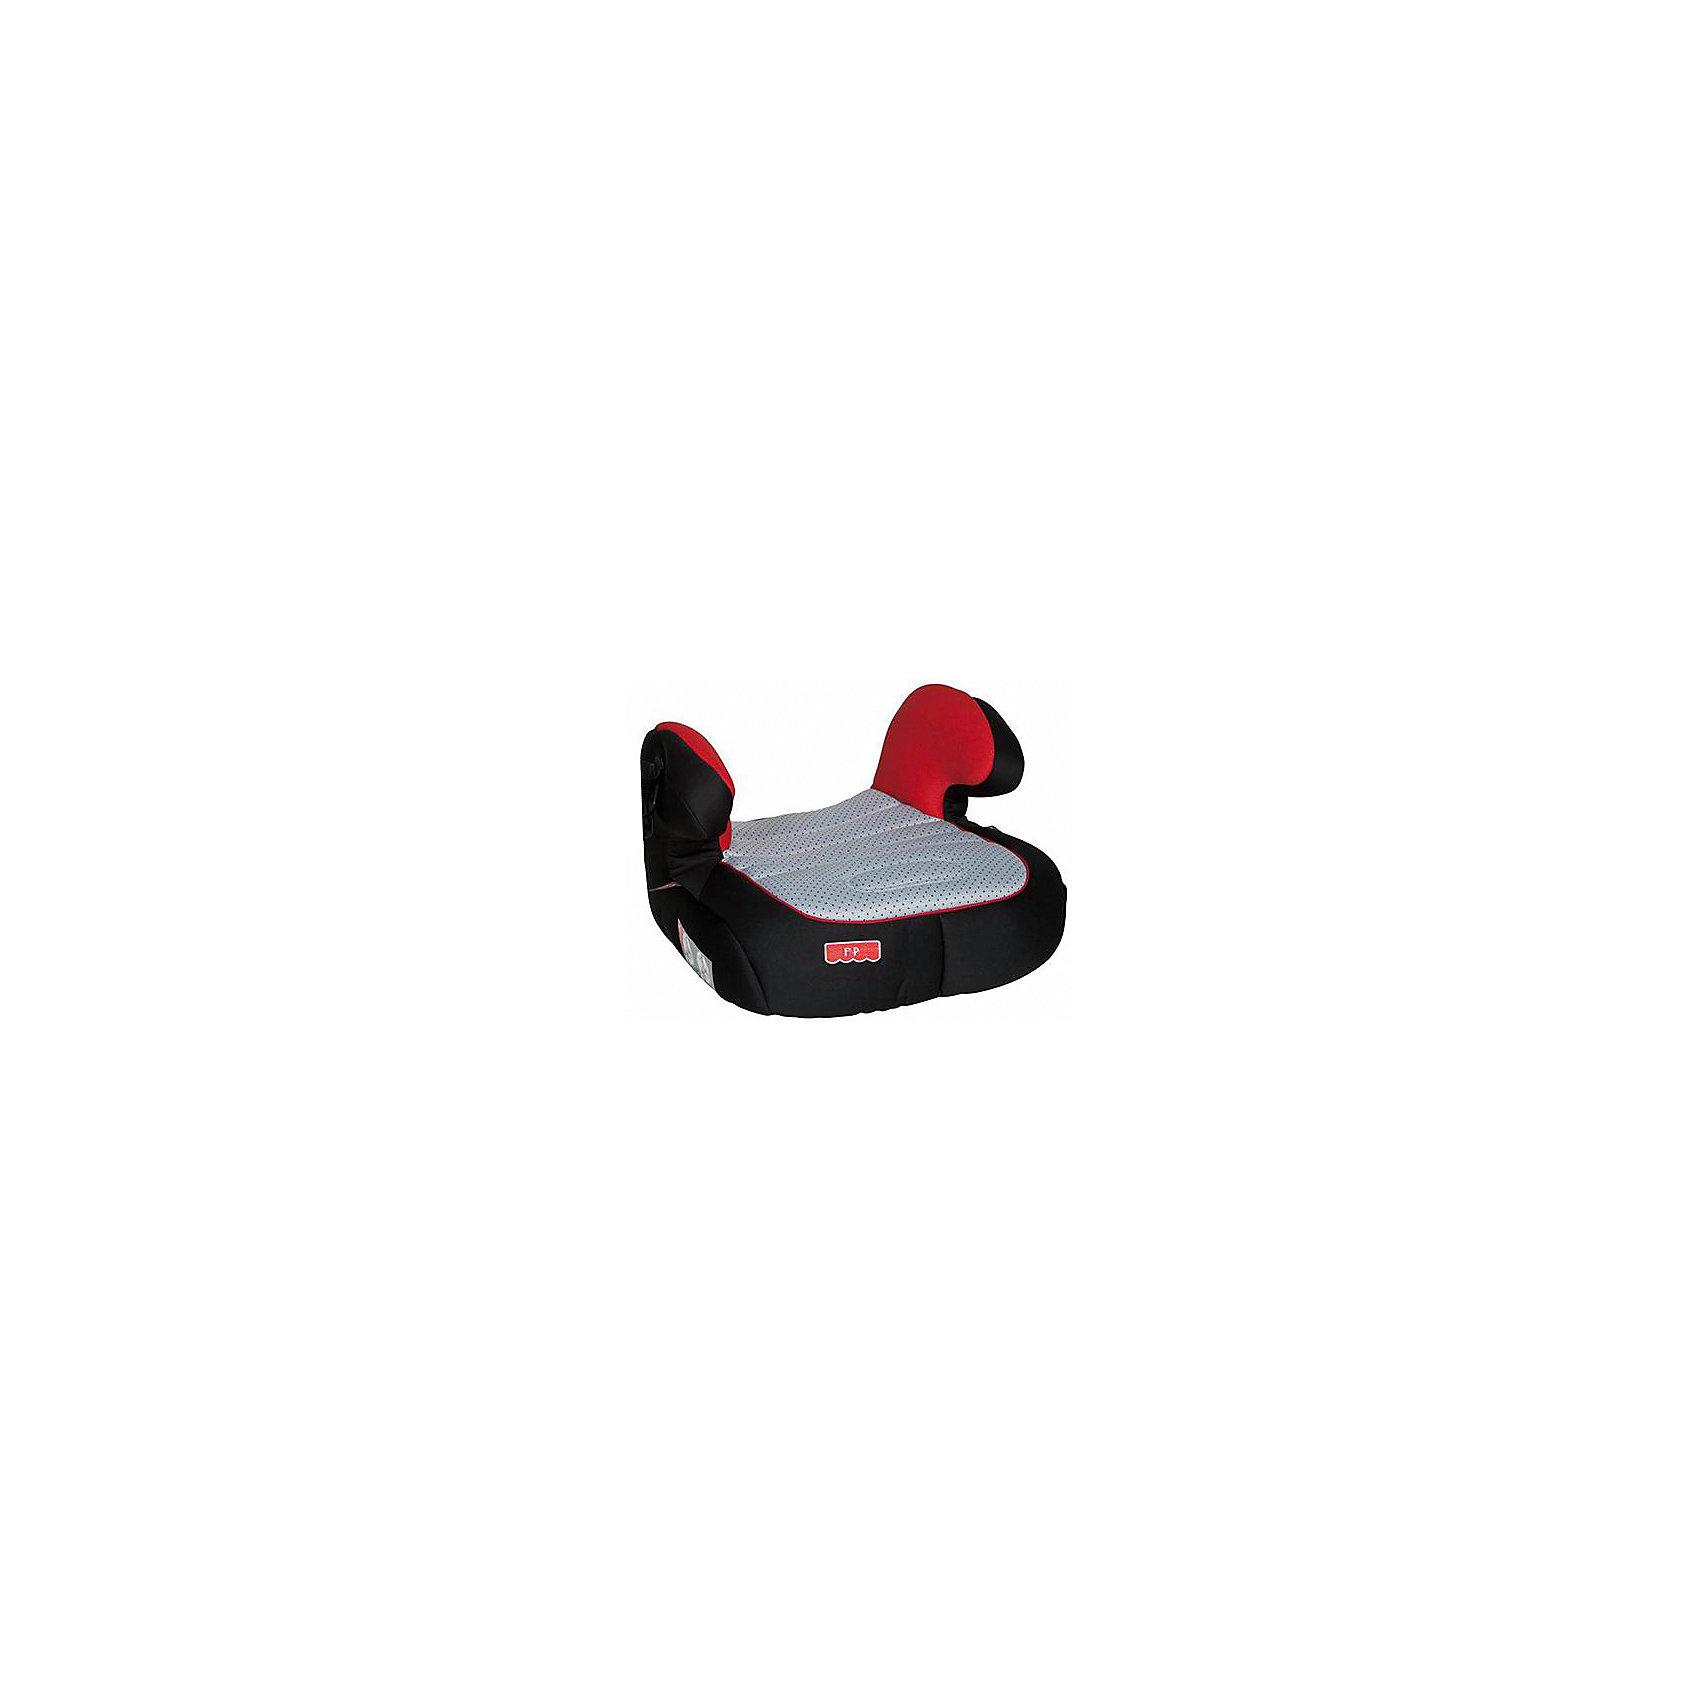 Автокресло Nania Dream FP, 15-36кг, cronos primoГруппа 2-3 (От 15 до 36 кг)<br>Характеристики:<br><br>• группа: 2/3;<br>• вес ребенка: 15-36 кг;<br>• способ установки: по ходу движения;<br>• способ крепления: штатные ремни безопасности автомобиля;<br>• функция бустера;<br>• размер: 43х41х26 см;<br>• вес: 1,43 кг.<br><br>Детское автокресло-бустер устанавливается на заднем сидении автомобиля или на переднем сидении, если отключена подушка безопасности. Бустер оснащен подлокотниками, поднимает ребенка над уровнем стандартного автомобильного сидения с целью правильно зафиксировать ремни безопасности. <br><br>Автокресло Dream FP, 15-36кг, Nania, cronos primo можно купить в нашем интернет-магазине.<br><br>Ширина мм: 430<br>Глубина мм: 410<br>Высота мм: 260<br>Вес г: 1430<br>Возраст от месяцев: 60<br>Возраст до месяцев: 144<br>Пол: Унисекс<br>Возраст: Детский<br>SKU: 5569331